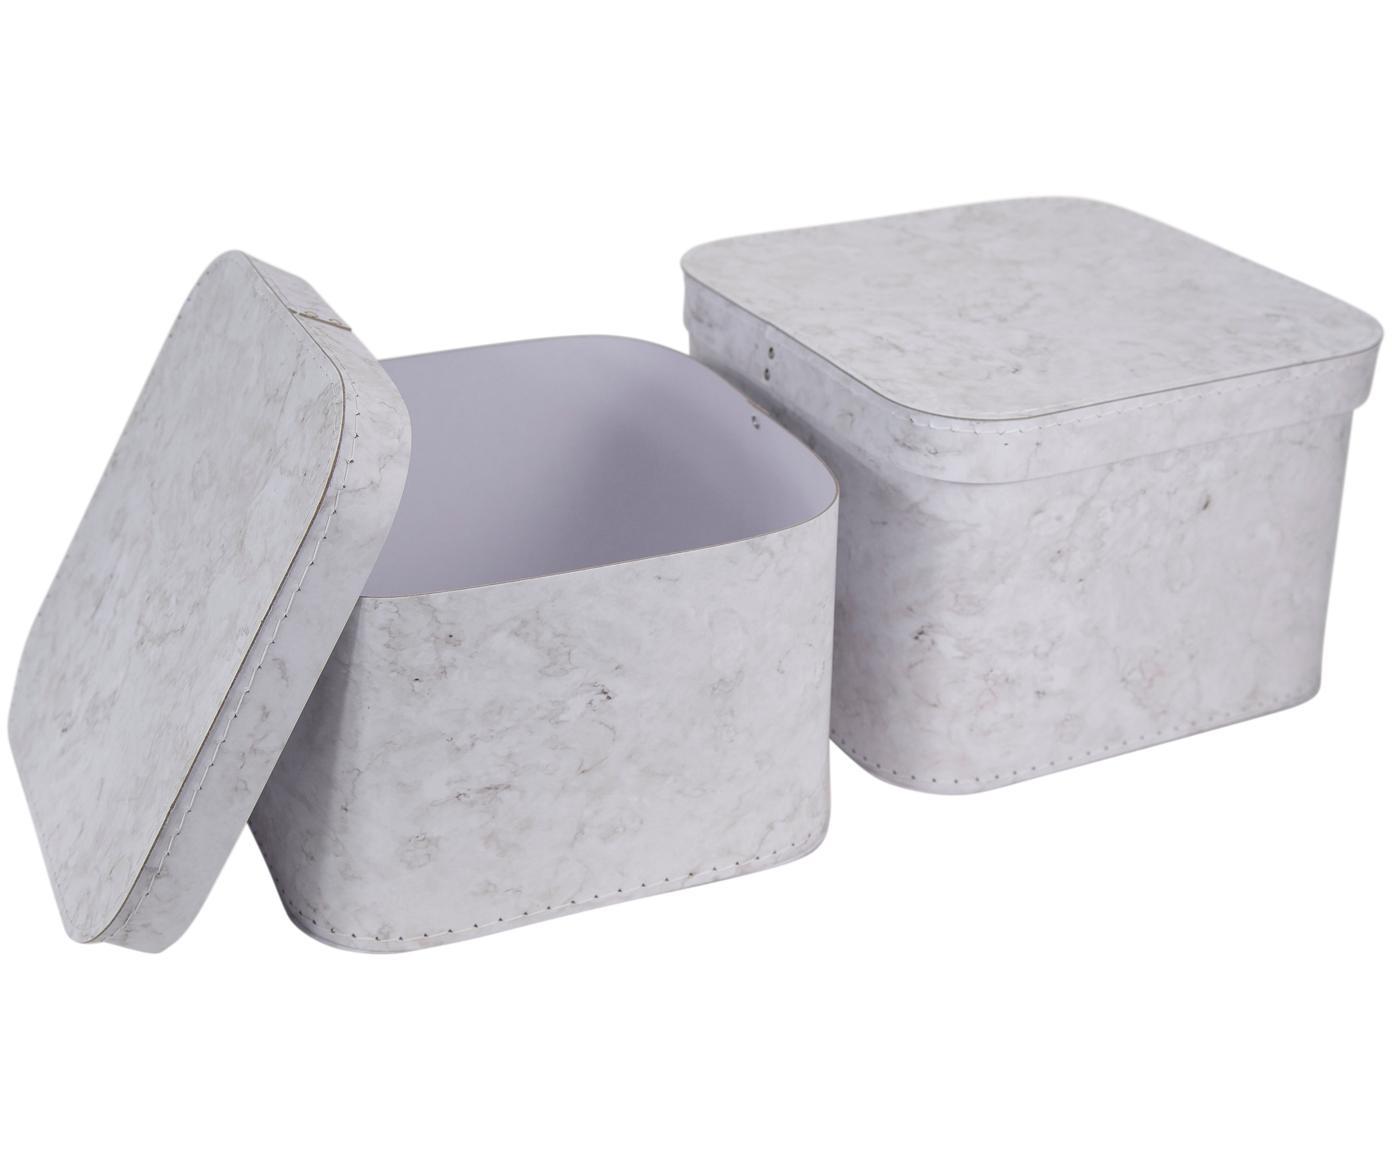 Aufbewahrungsboxen-Set Ludvig, 2-tlg., Fester, laminierter Karton, Weiß, marmoriert, Sondergrößen